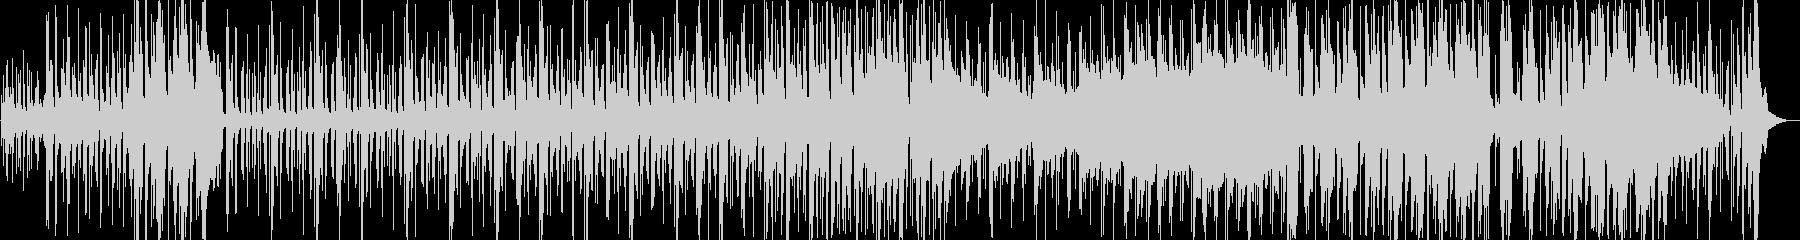 琴で春を迎えるポップで横ノリなループ曲の未再生の波形